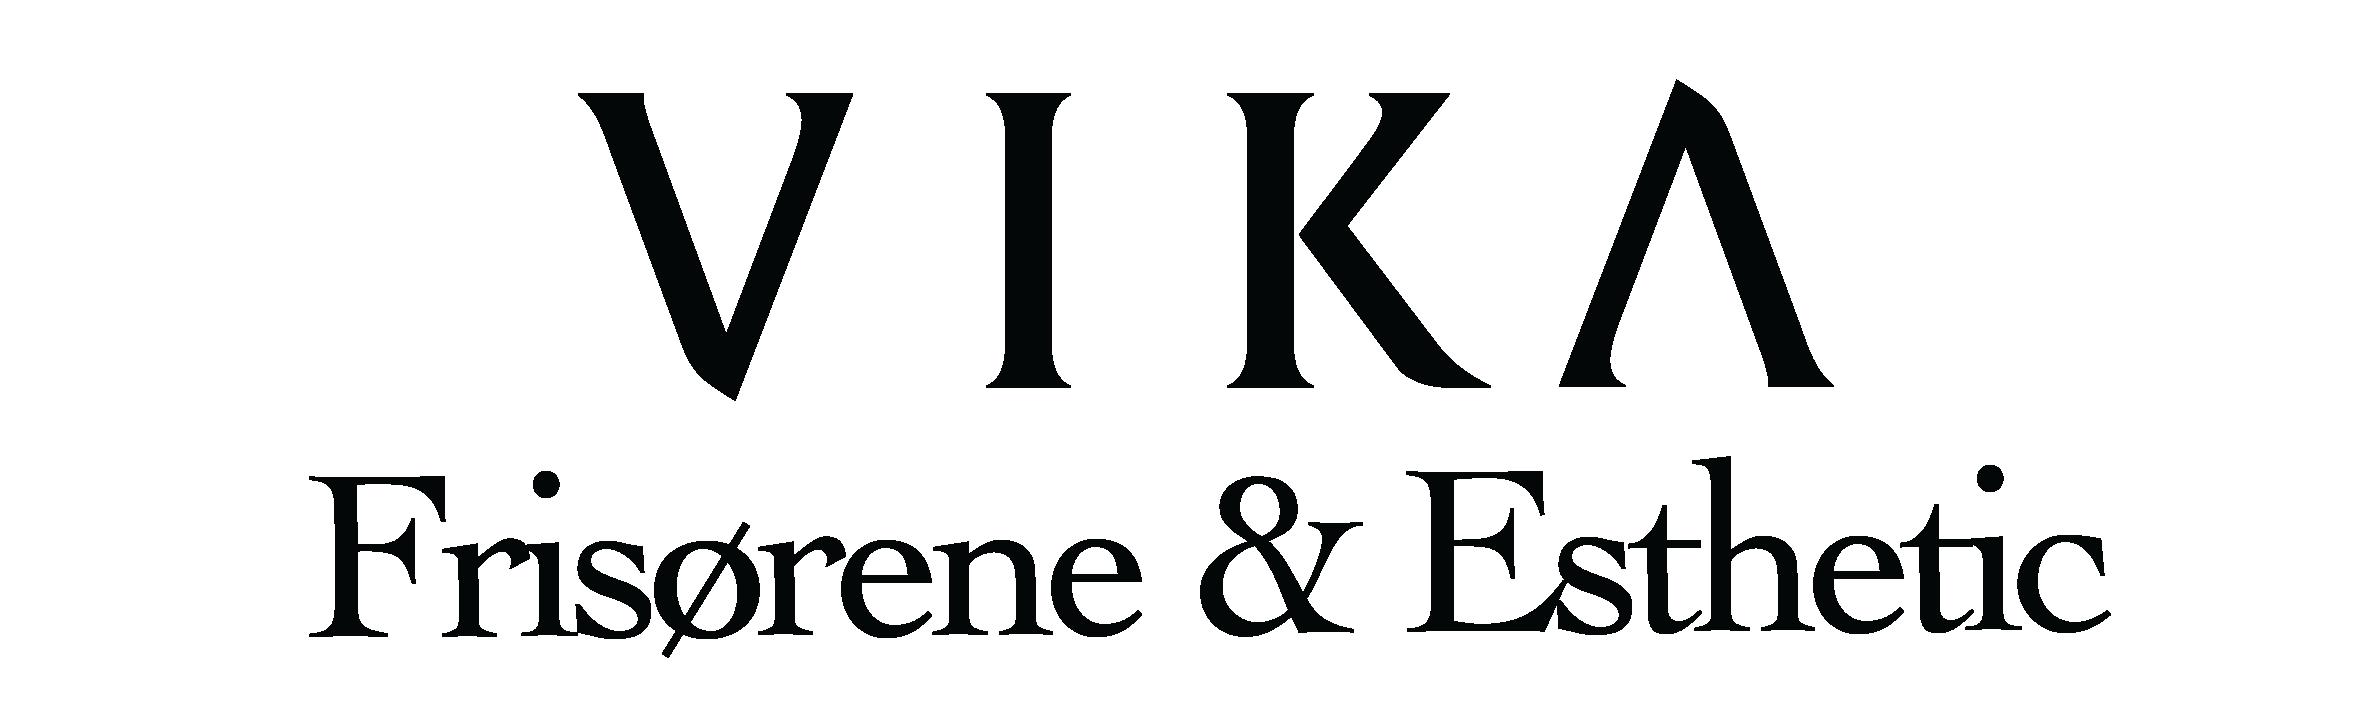 Frisørene & Esthetic - Svart - To linjer